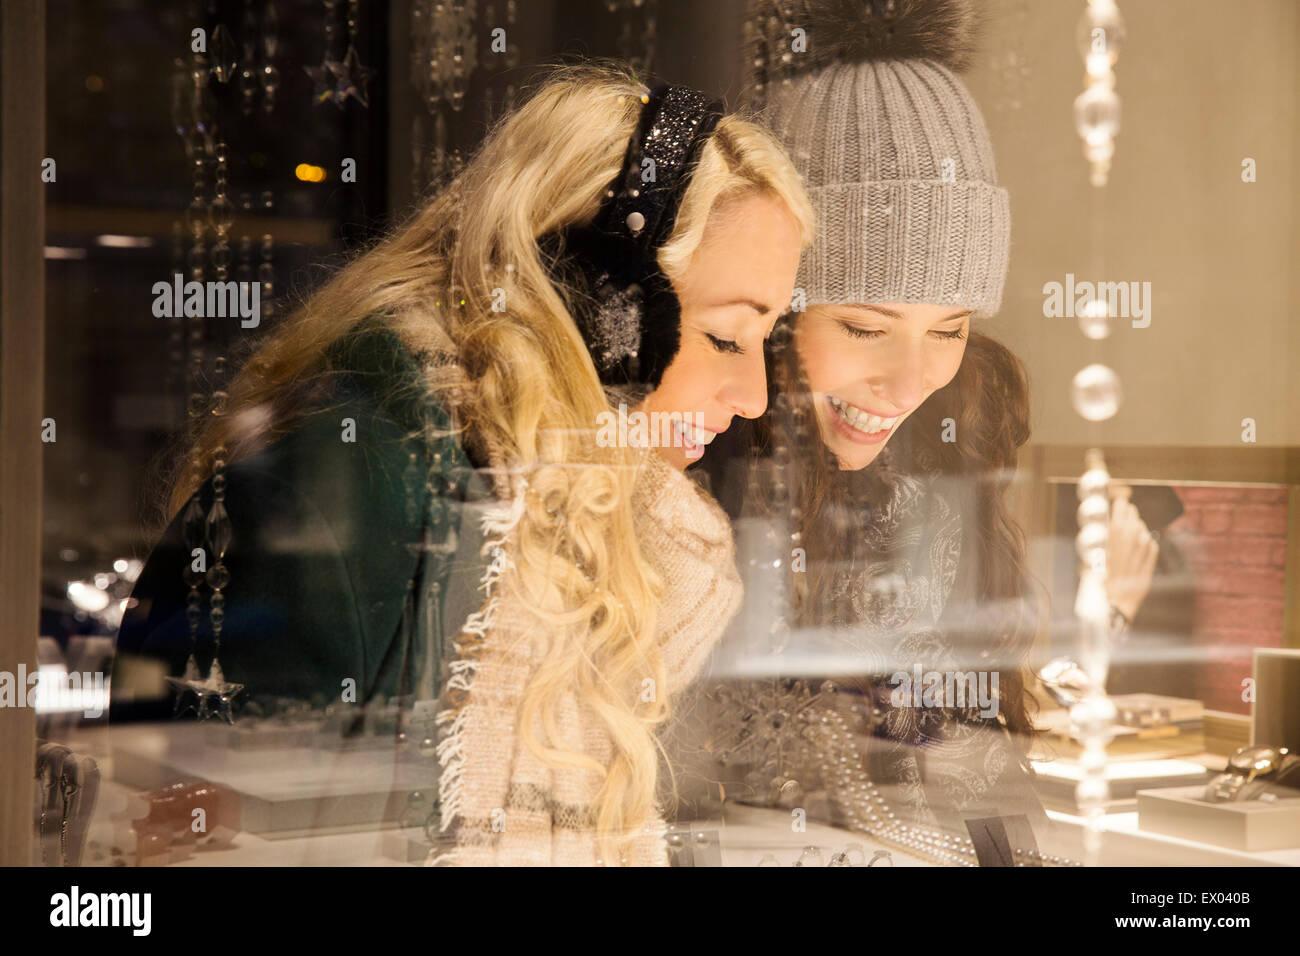 Zwei Mitte Erwachsenfrauen Schaufensterbummel Stockbild